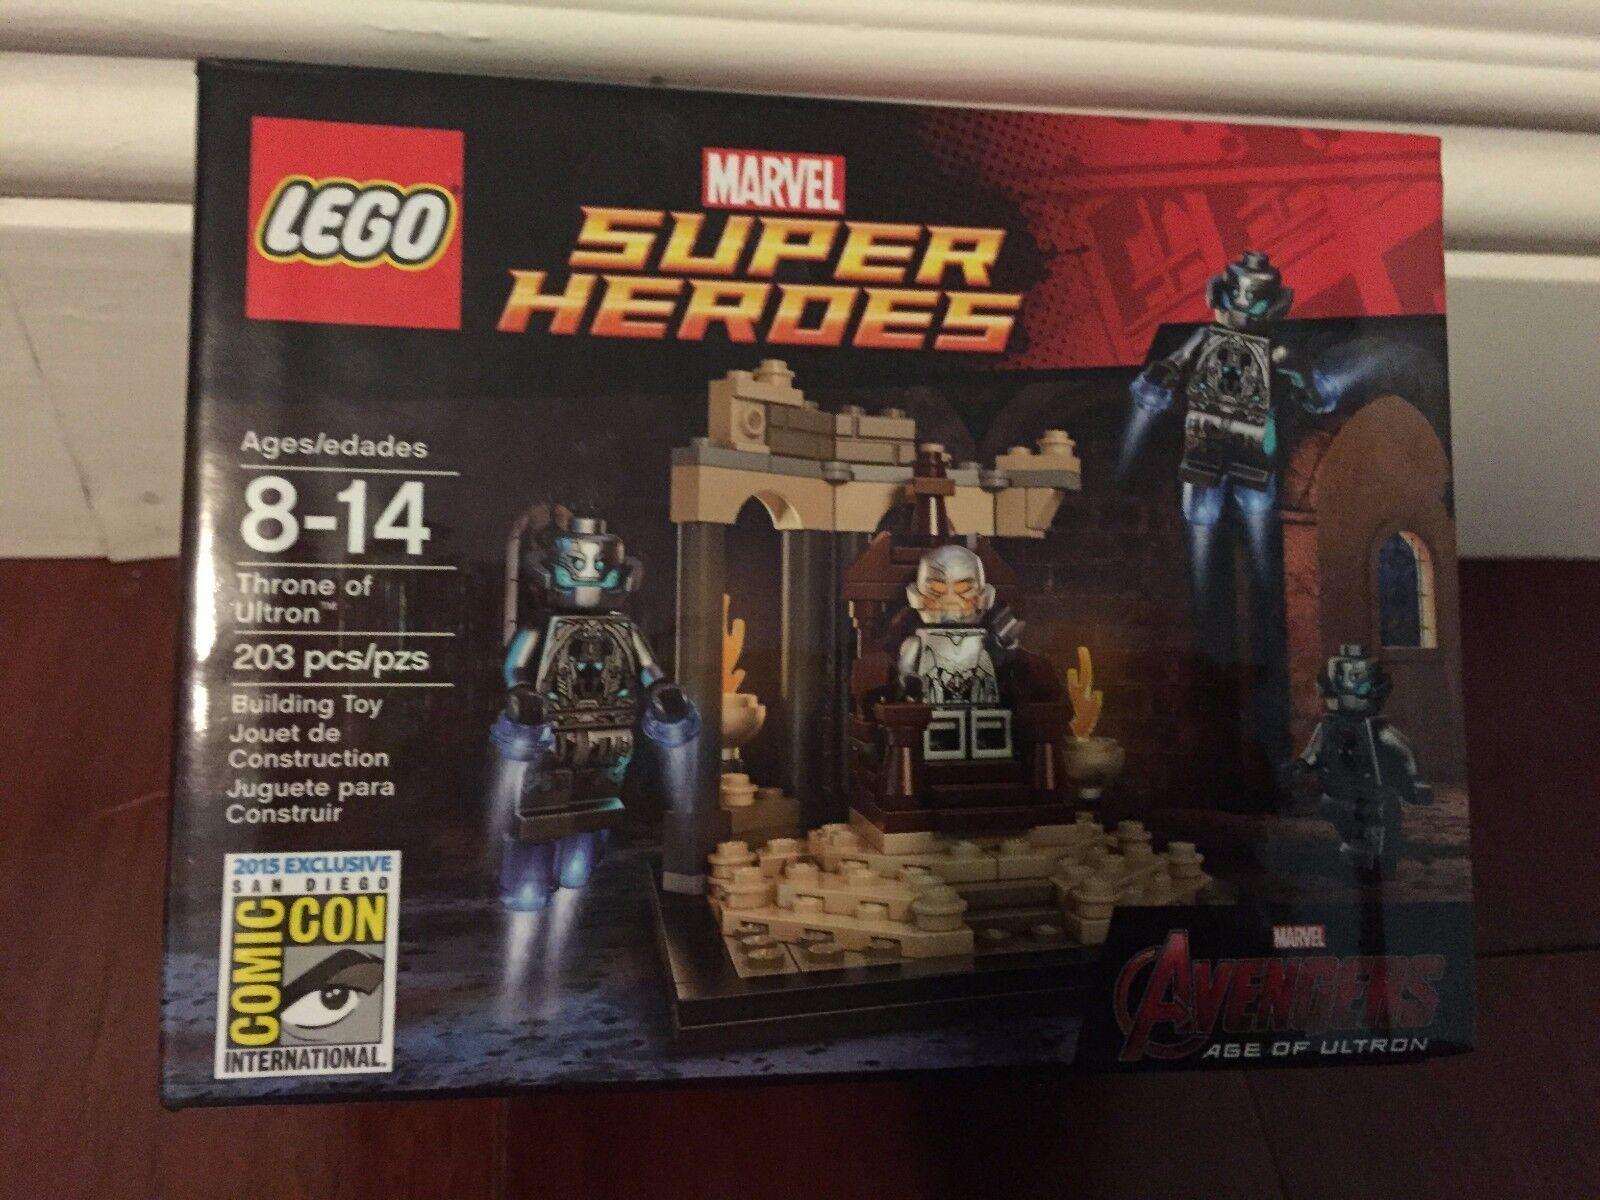 Sdcc 2015 Lego Trono De Ultron Exclusiva Marvel Super Heroes-Nuevo